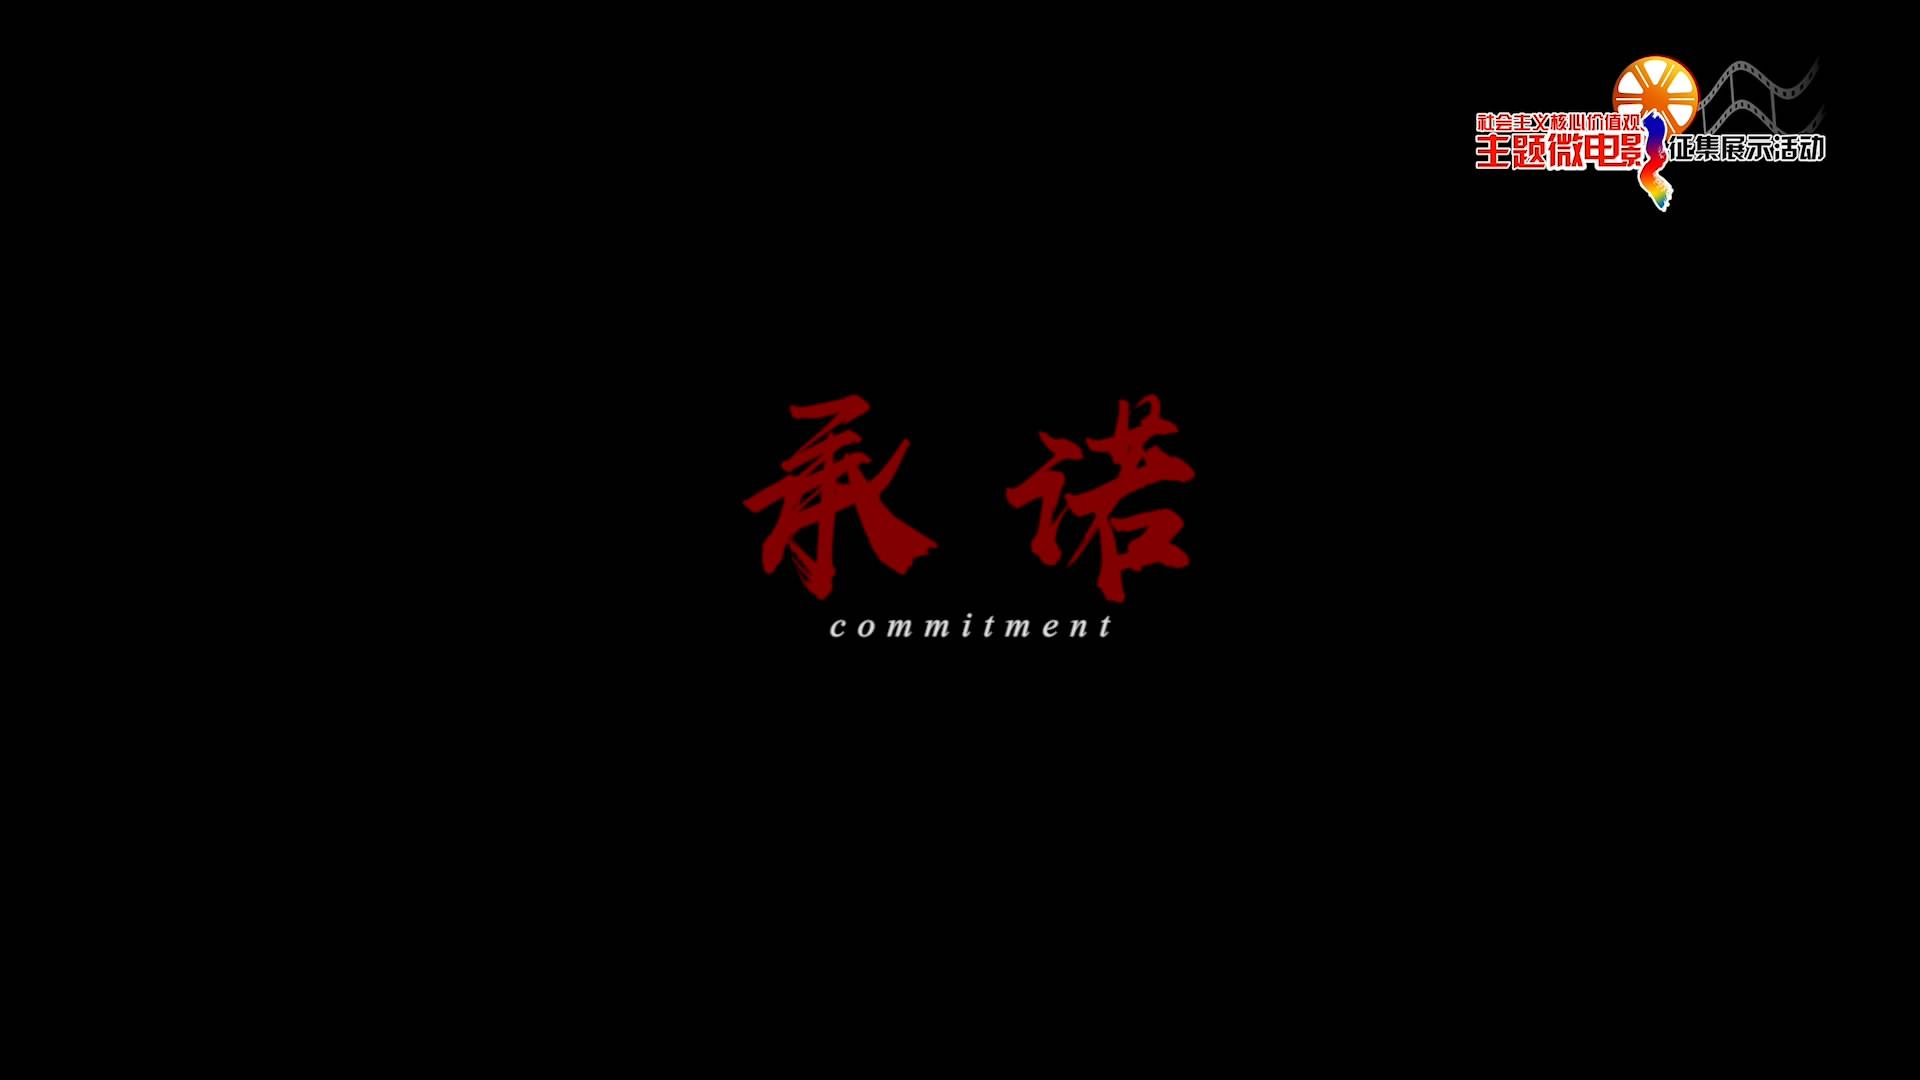 承诺(重庆)[00_00_23][20200103-092858-9].JPG